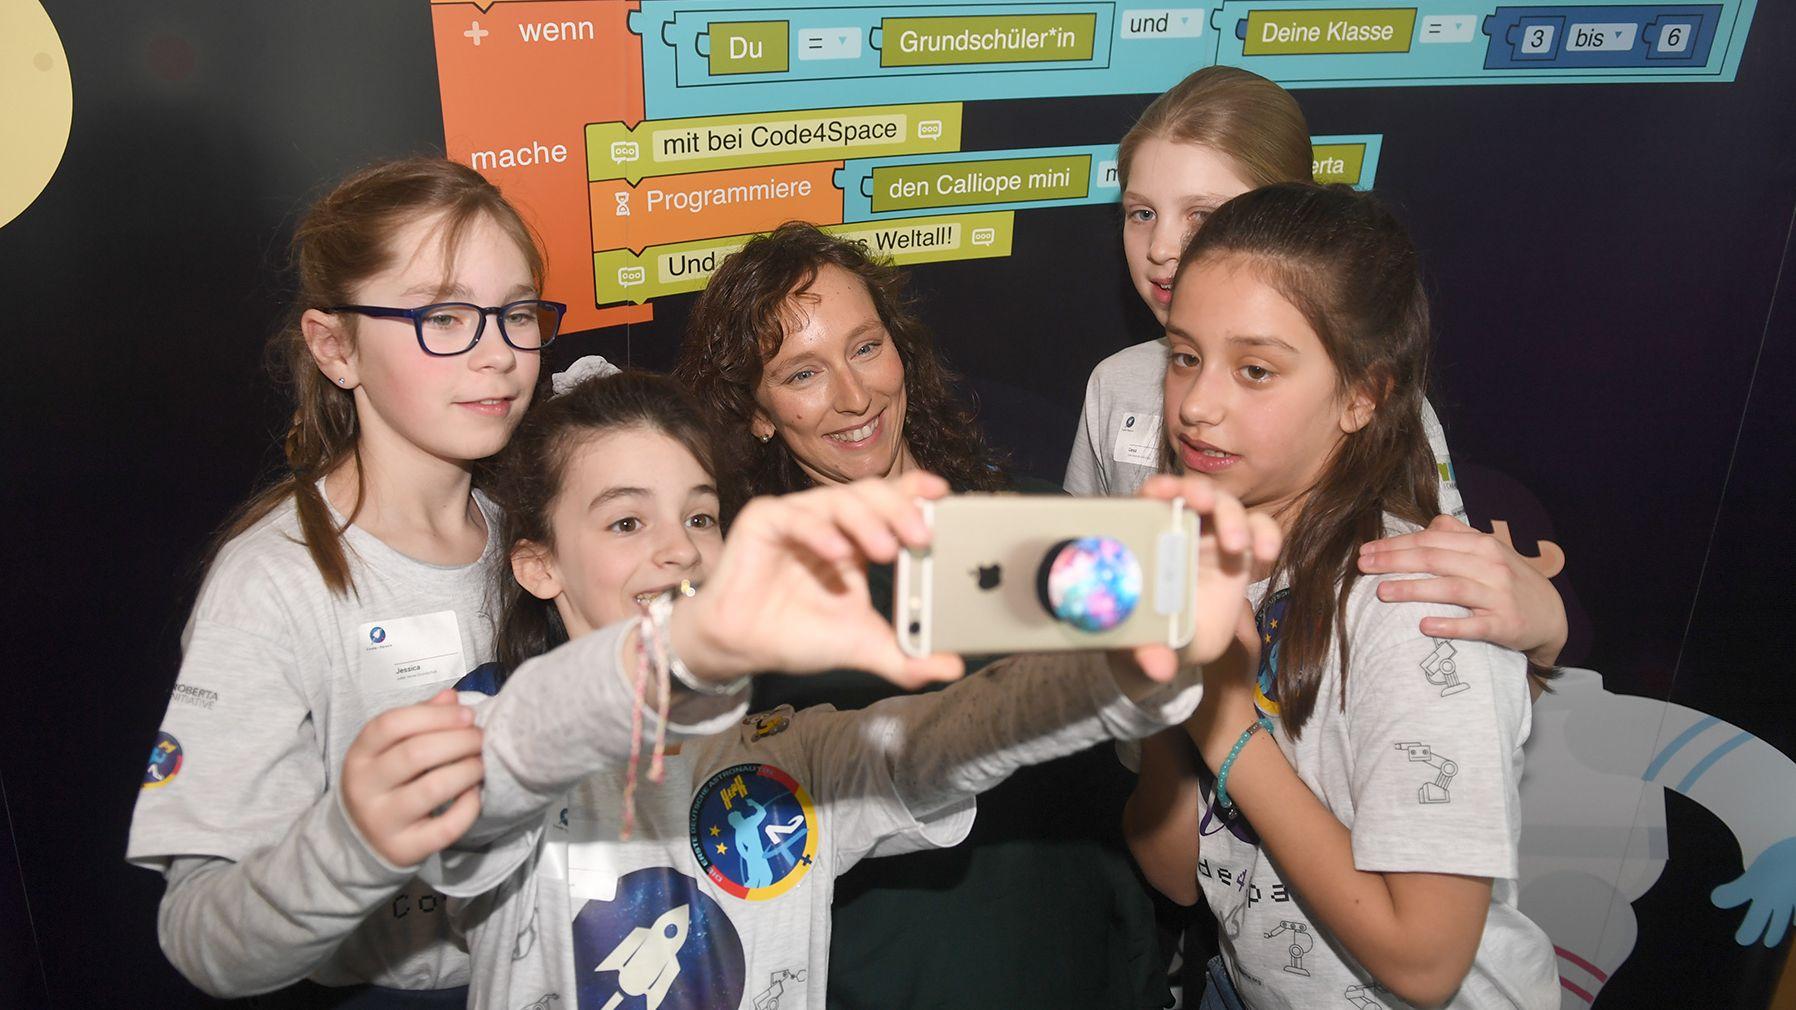 Ein Schülerinnen-Team der Jules Verne Grundschule in München macht zusammen mit Suzanna Randall, Finalistin Stiftung erste deutsche Astronautin gGmbH im Fraunhofer-Haus, ein Selfie